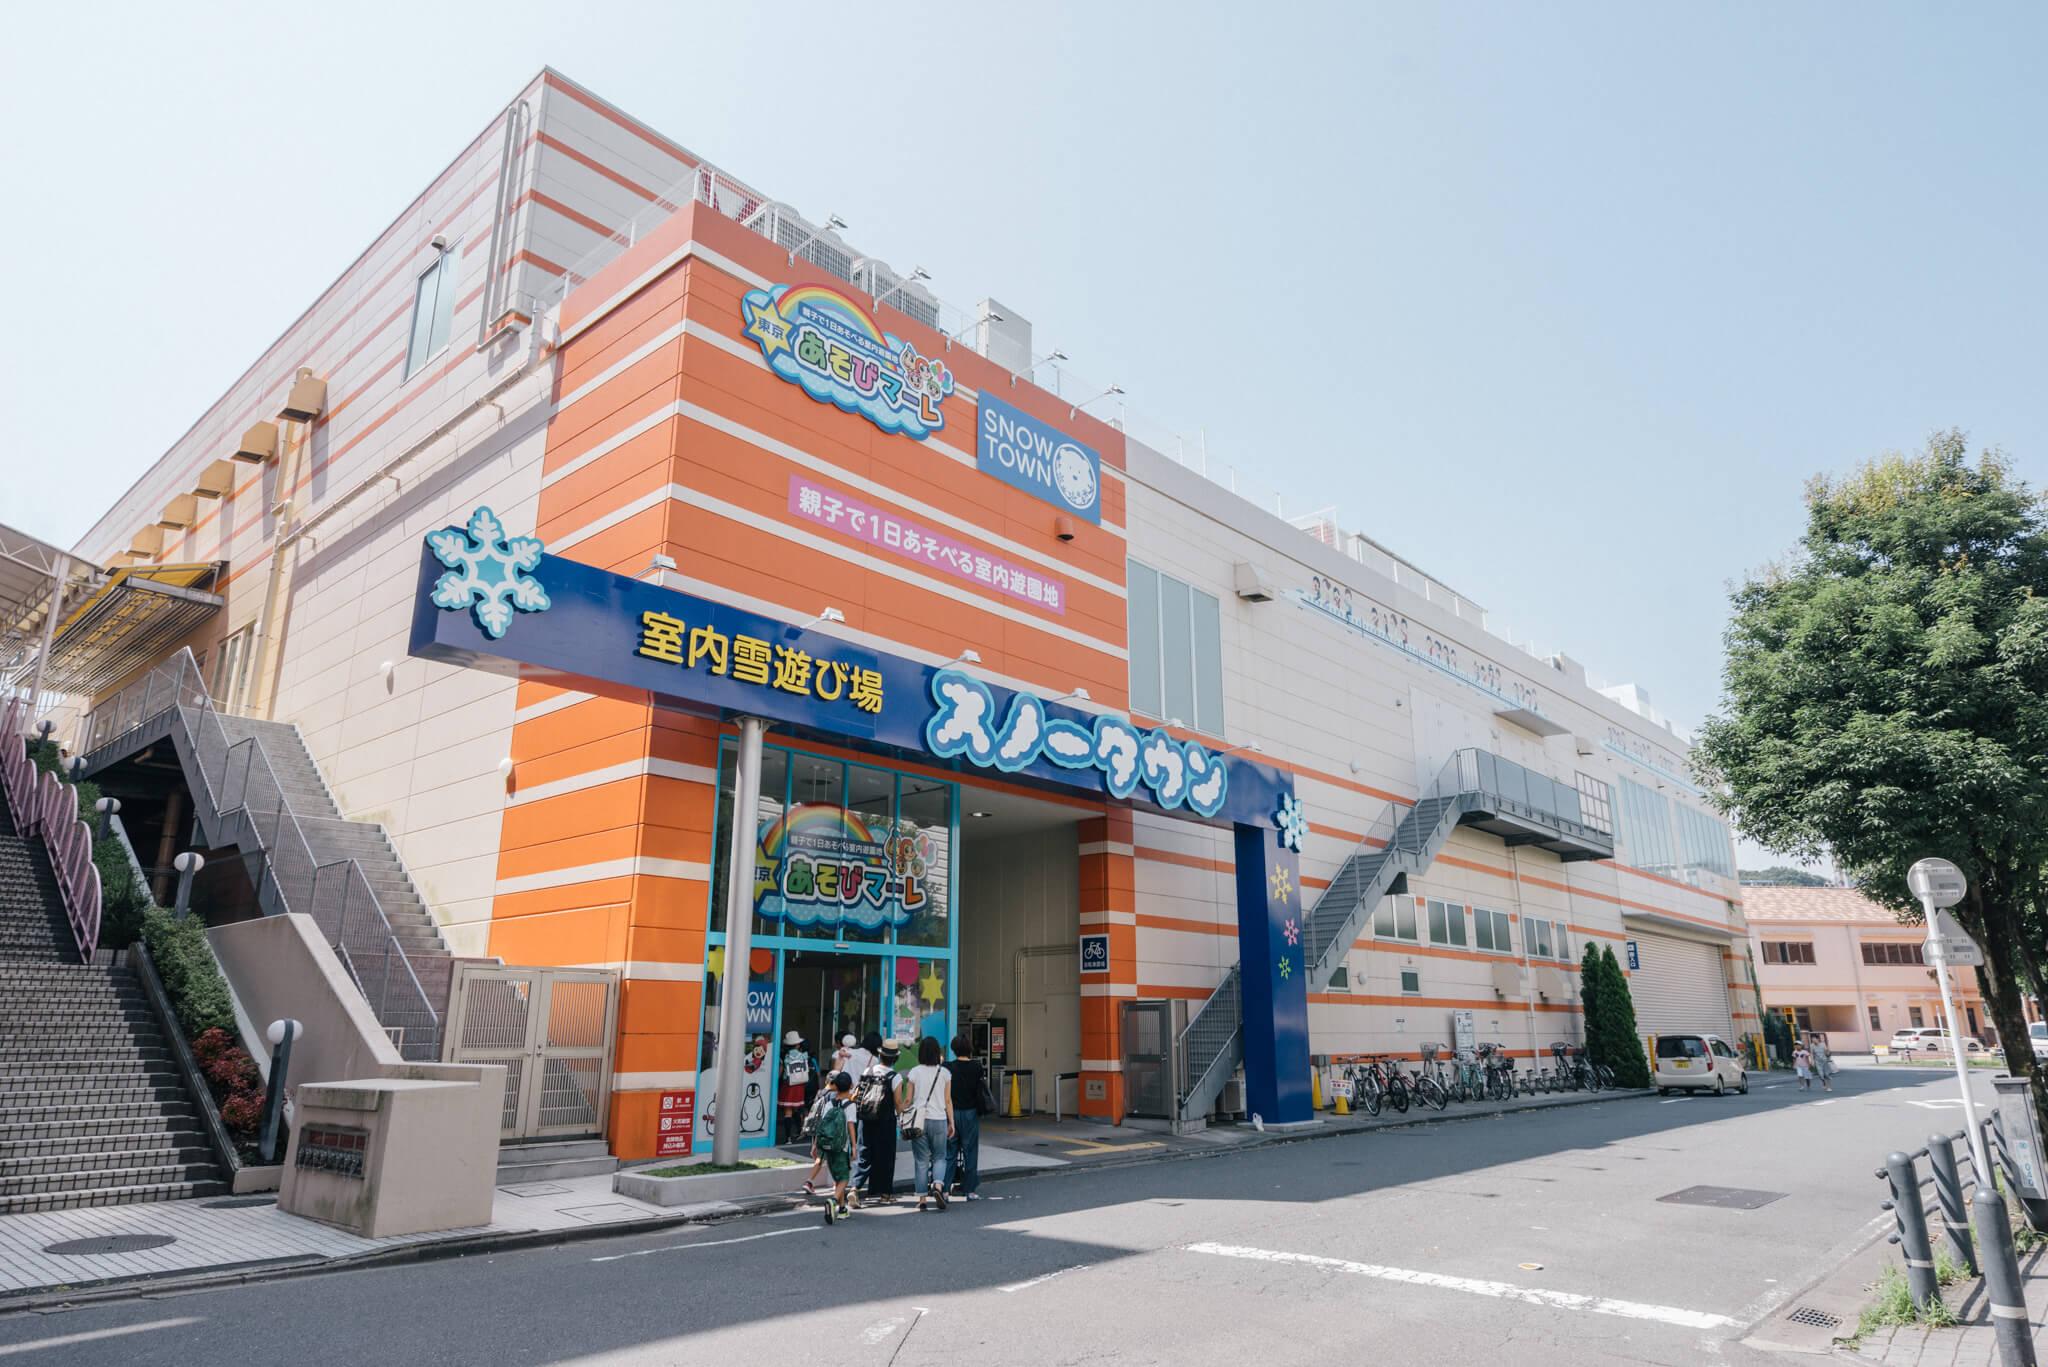 京王堀之内駅にはさらに、国内最大級の室内遊園地「あそびマーレ」がオープン。人工雪で遊べる施設は夏休みの遊び場にもってこいで、朝早くから賑わっていました。